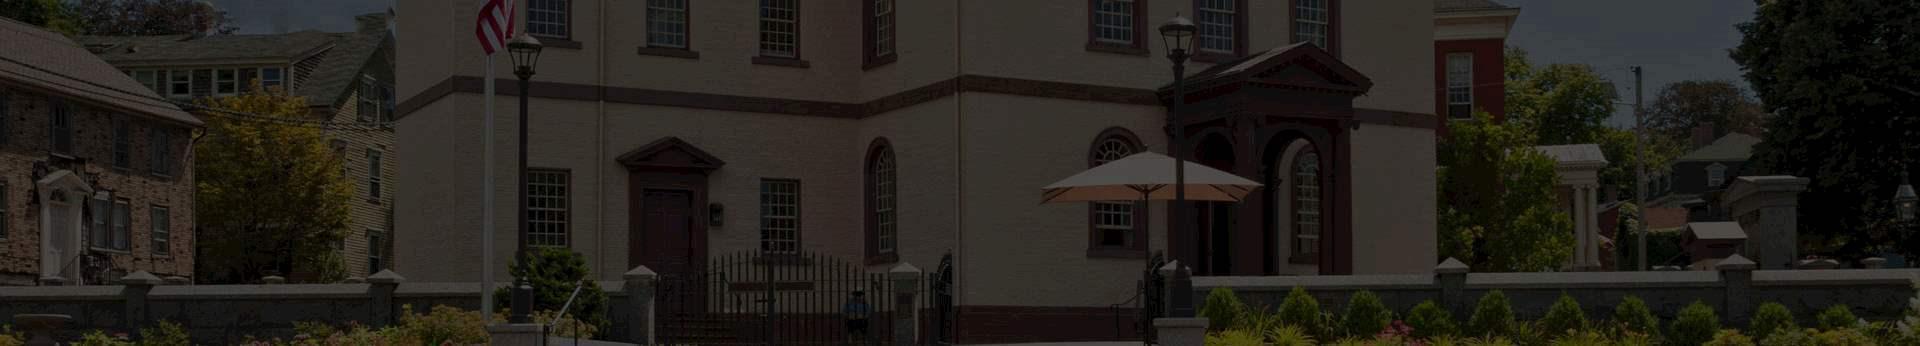 Newport, Rhode Island Touro Synagogue